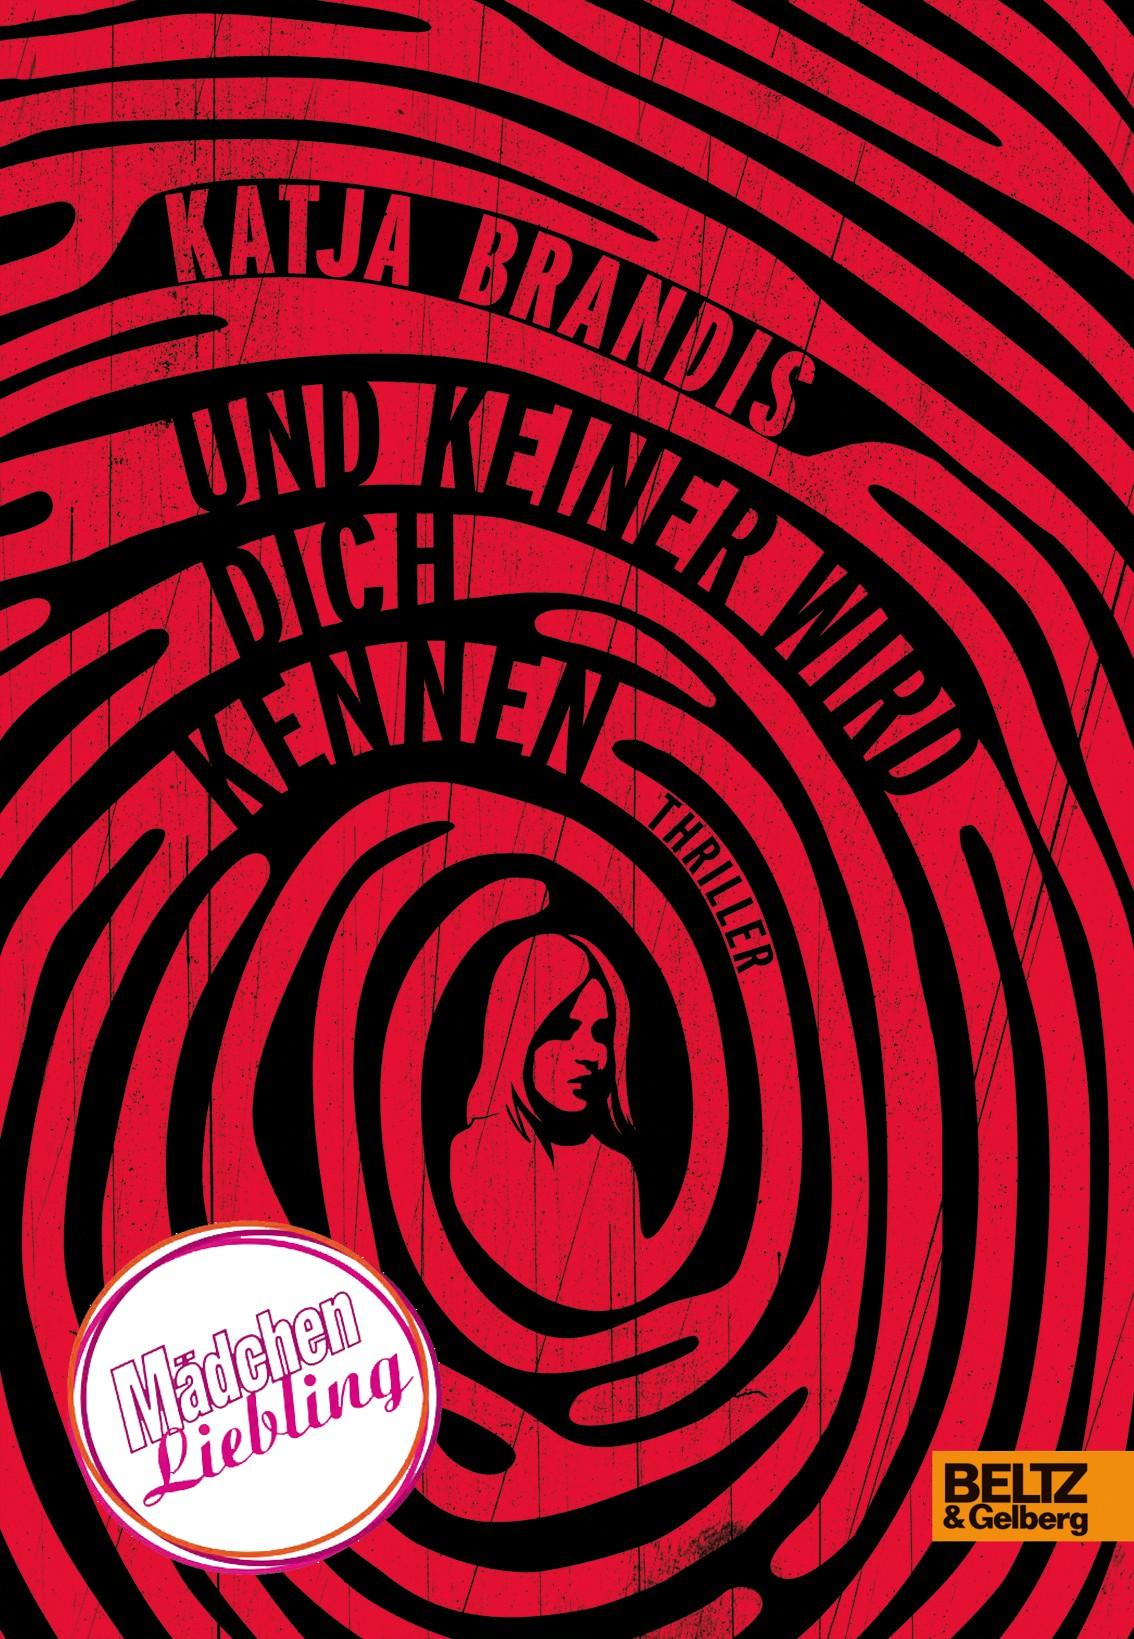 http://www.agentur-rumler.de/files/2013/01/Cover_Brandis_Und-keiner-wird-dich-kennen_BG.jpg